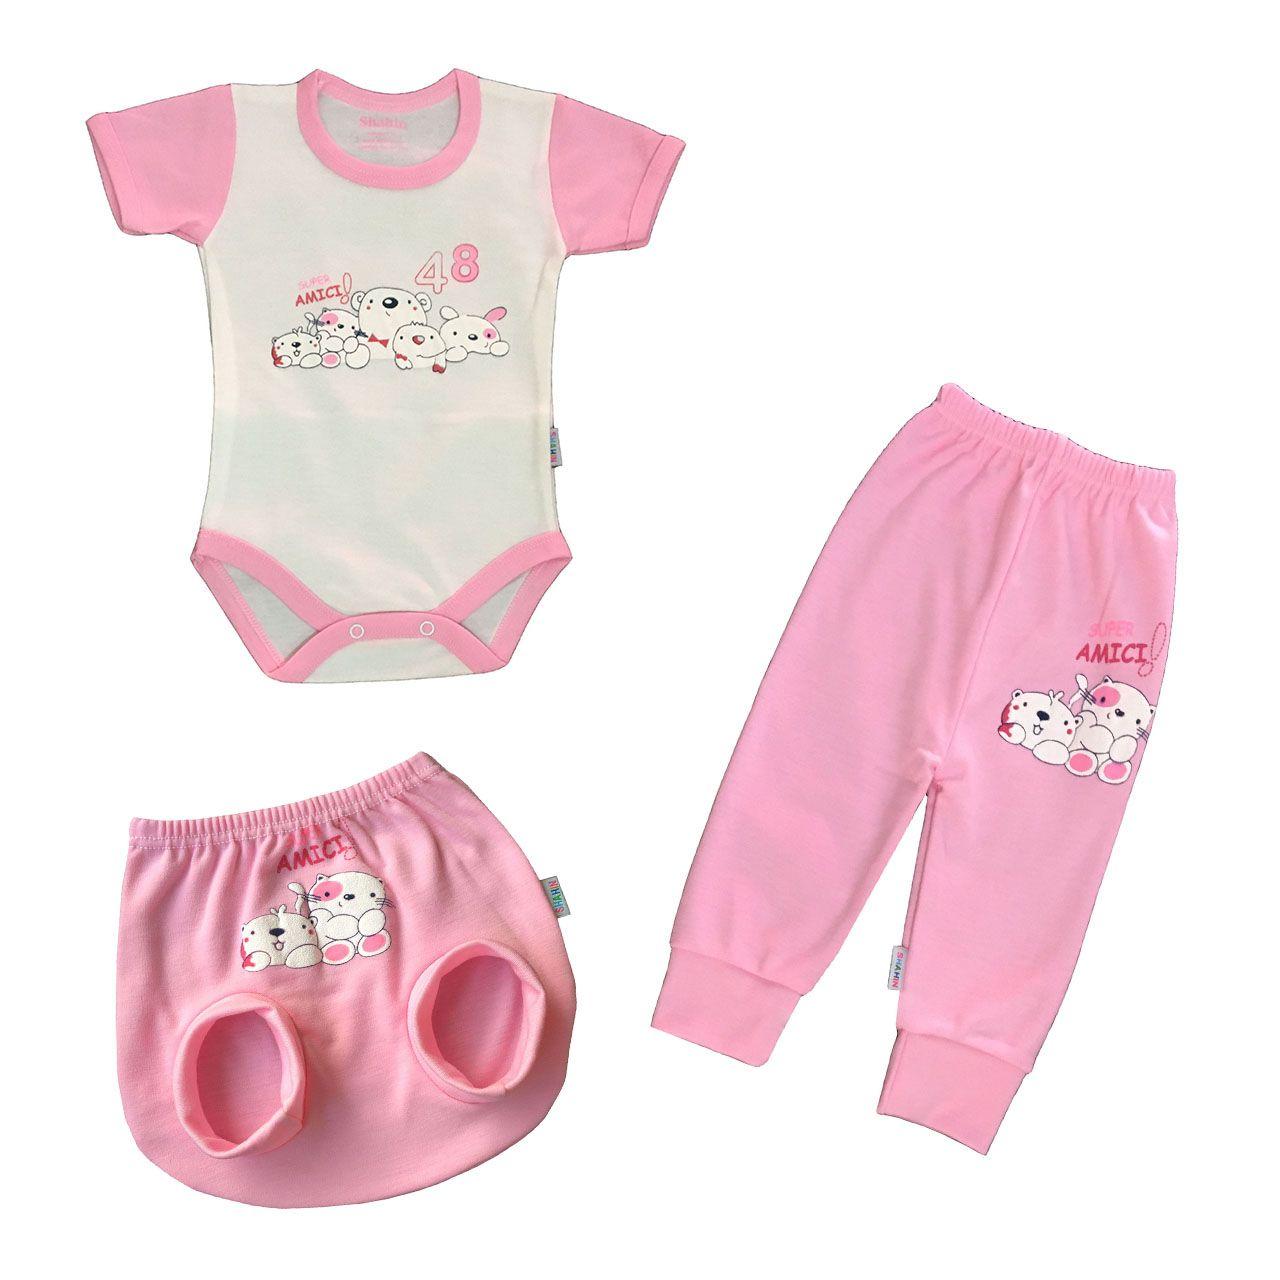 ست 3 تکه لباس نوزادی دخترانه شاهین طرح امیکی کد k -  - 2